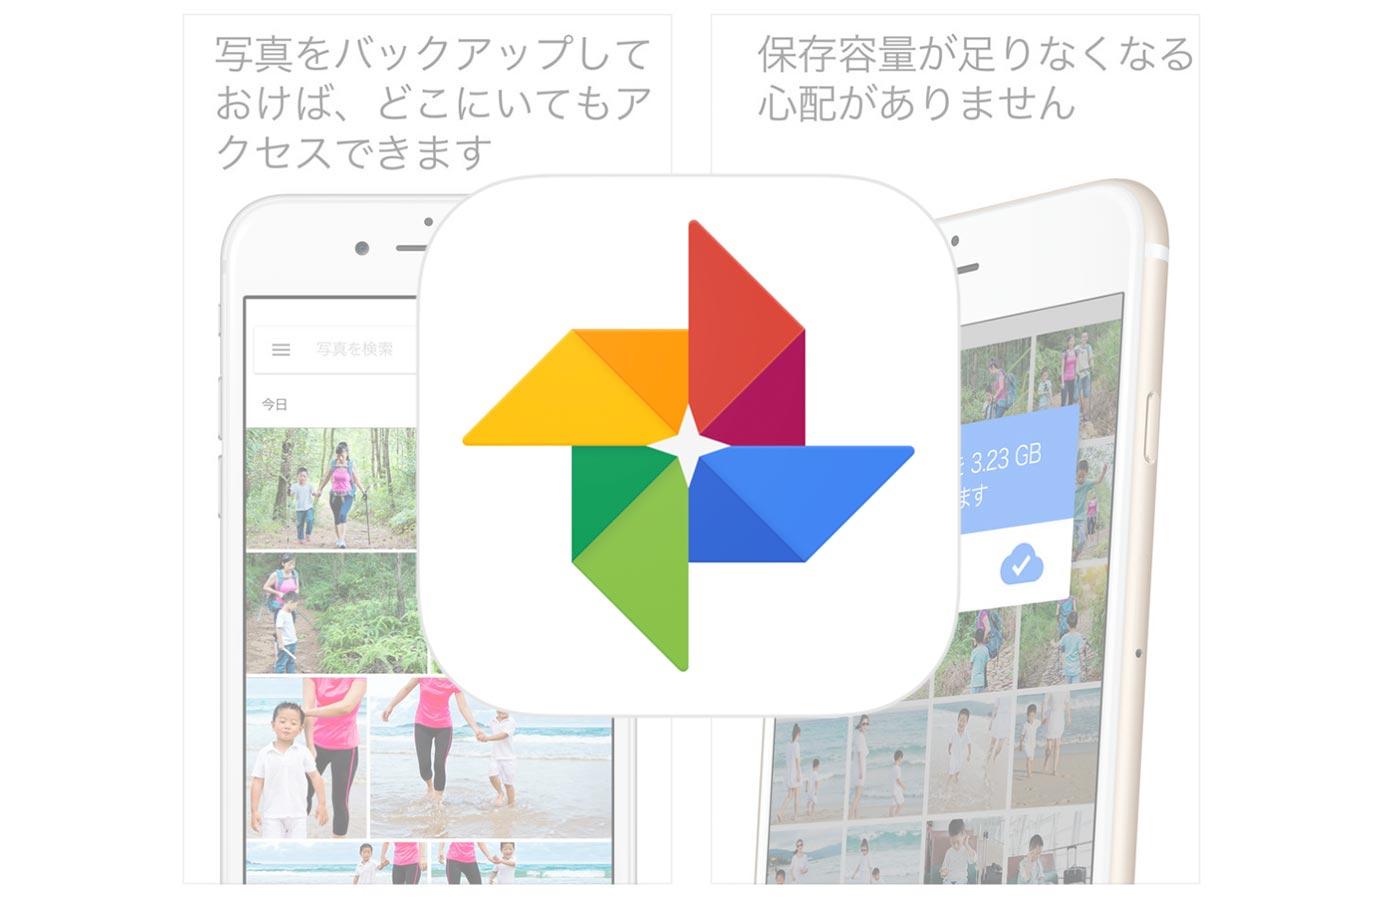 iOSアプリ「Google フォト」がアップデートでペットの写真を簡単に見つけられるように